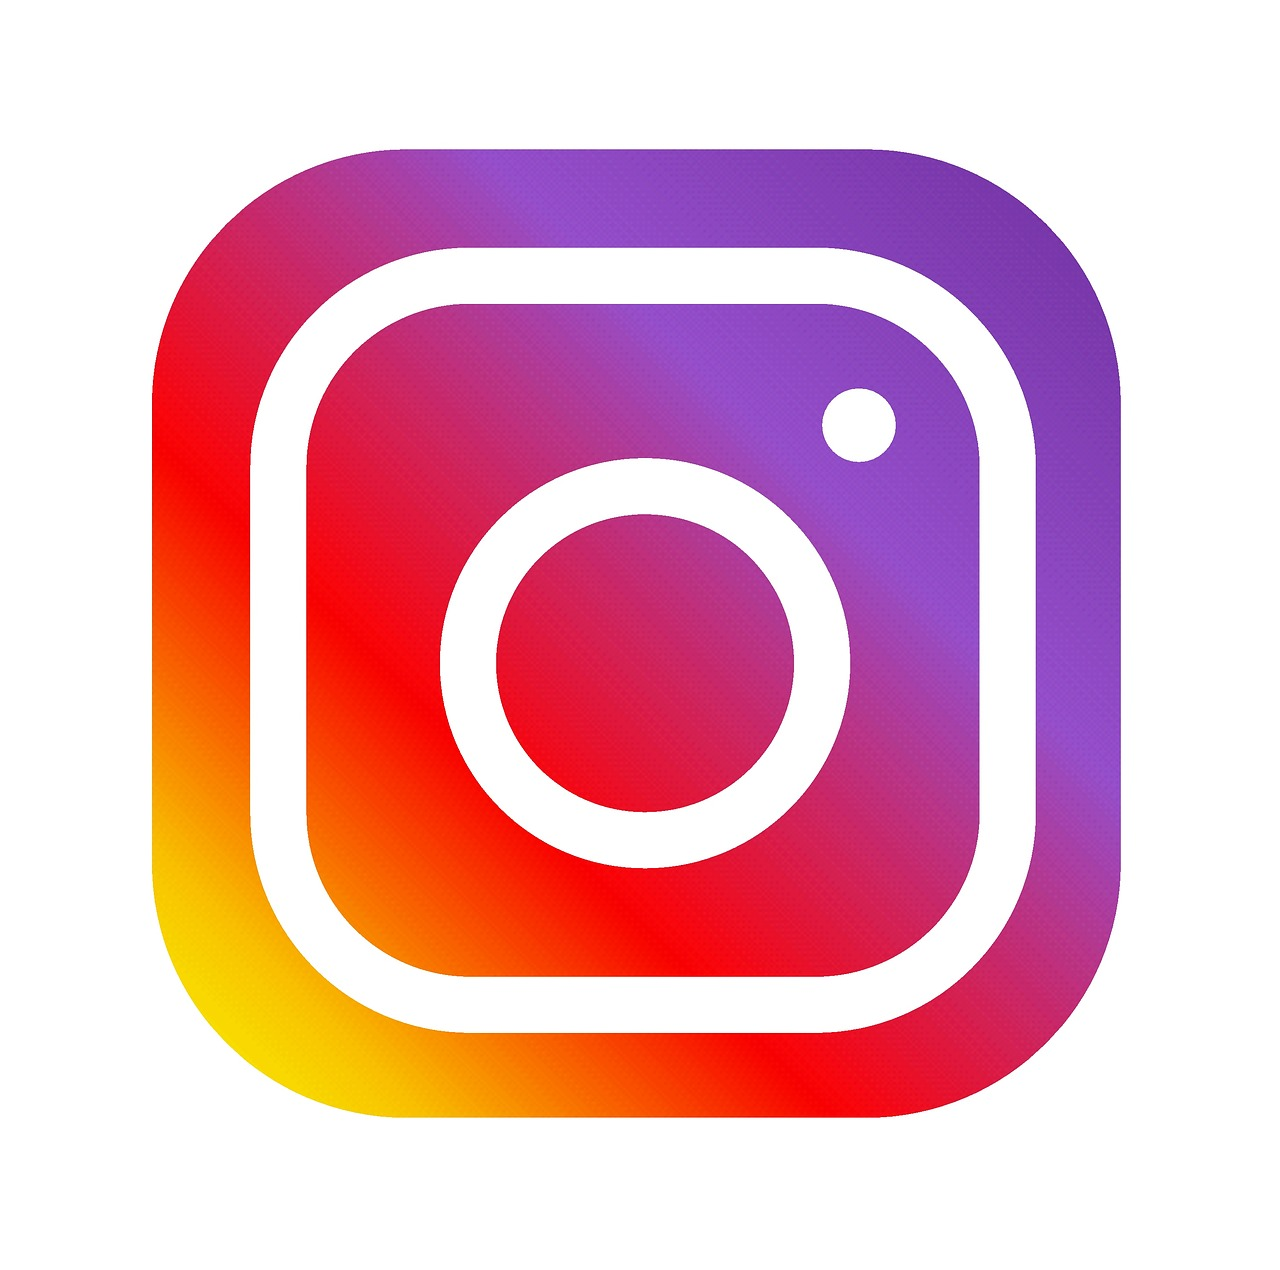 Rekomenduojami Postai Instagram'e: Kodėl Jie Verti Verslų Dėmesio